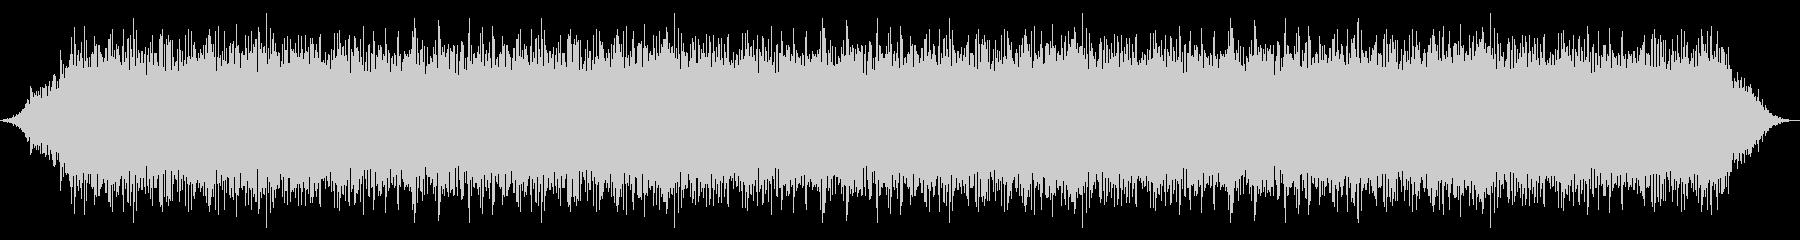 PC 駆動音02-06(ロング)の未再生の波形